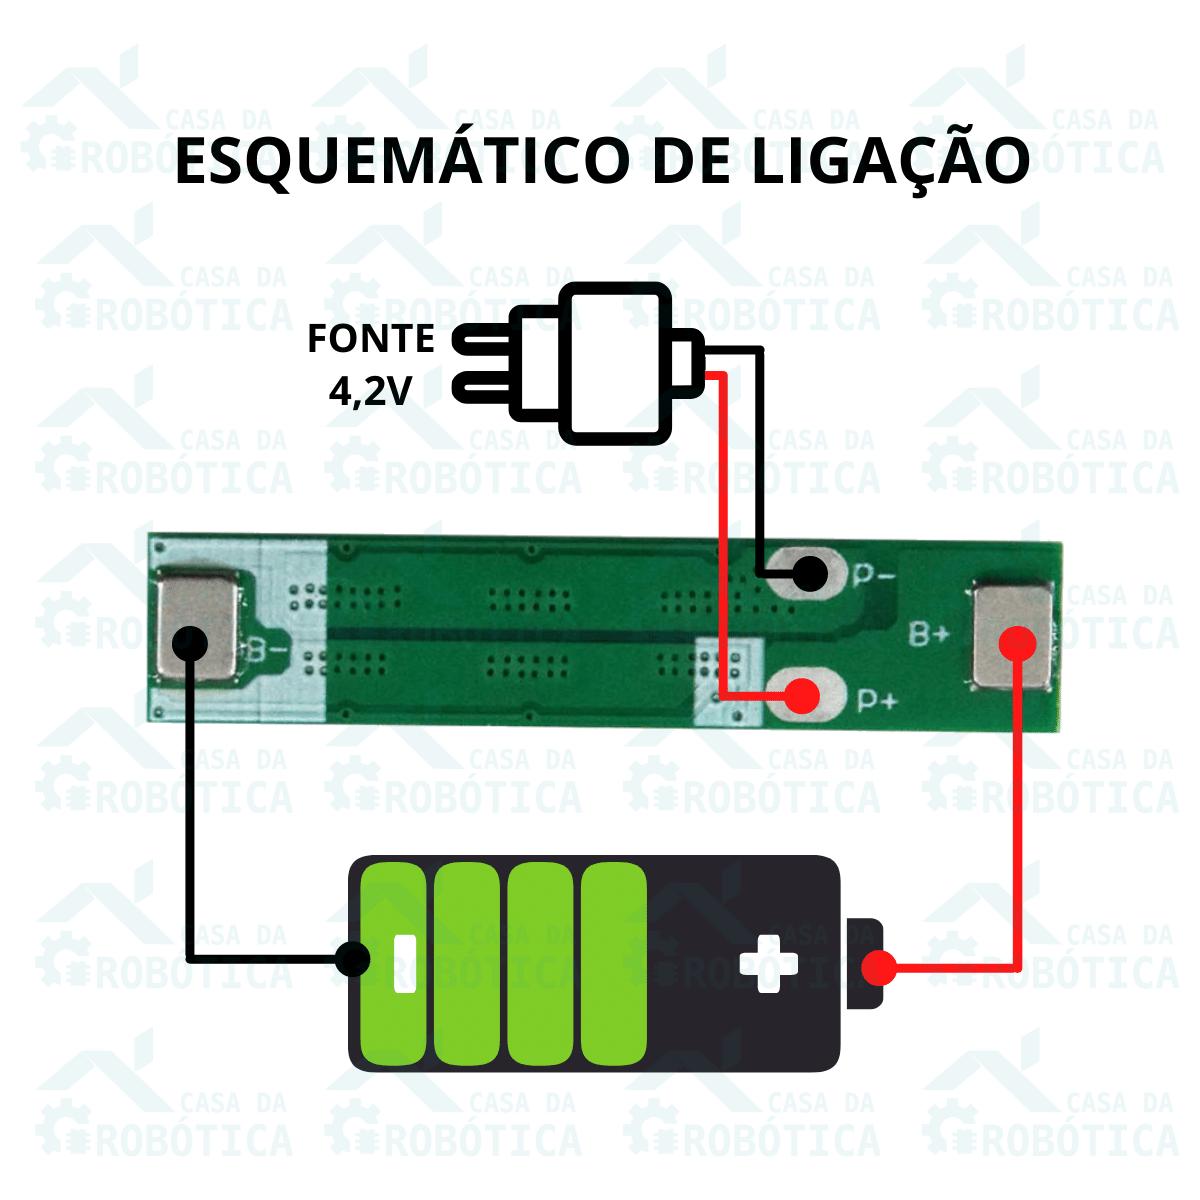 2x Carregador Bateria 3,7v 4,2v Bms 1S 10A Proteção Carga Descarga